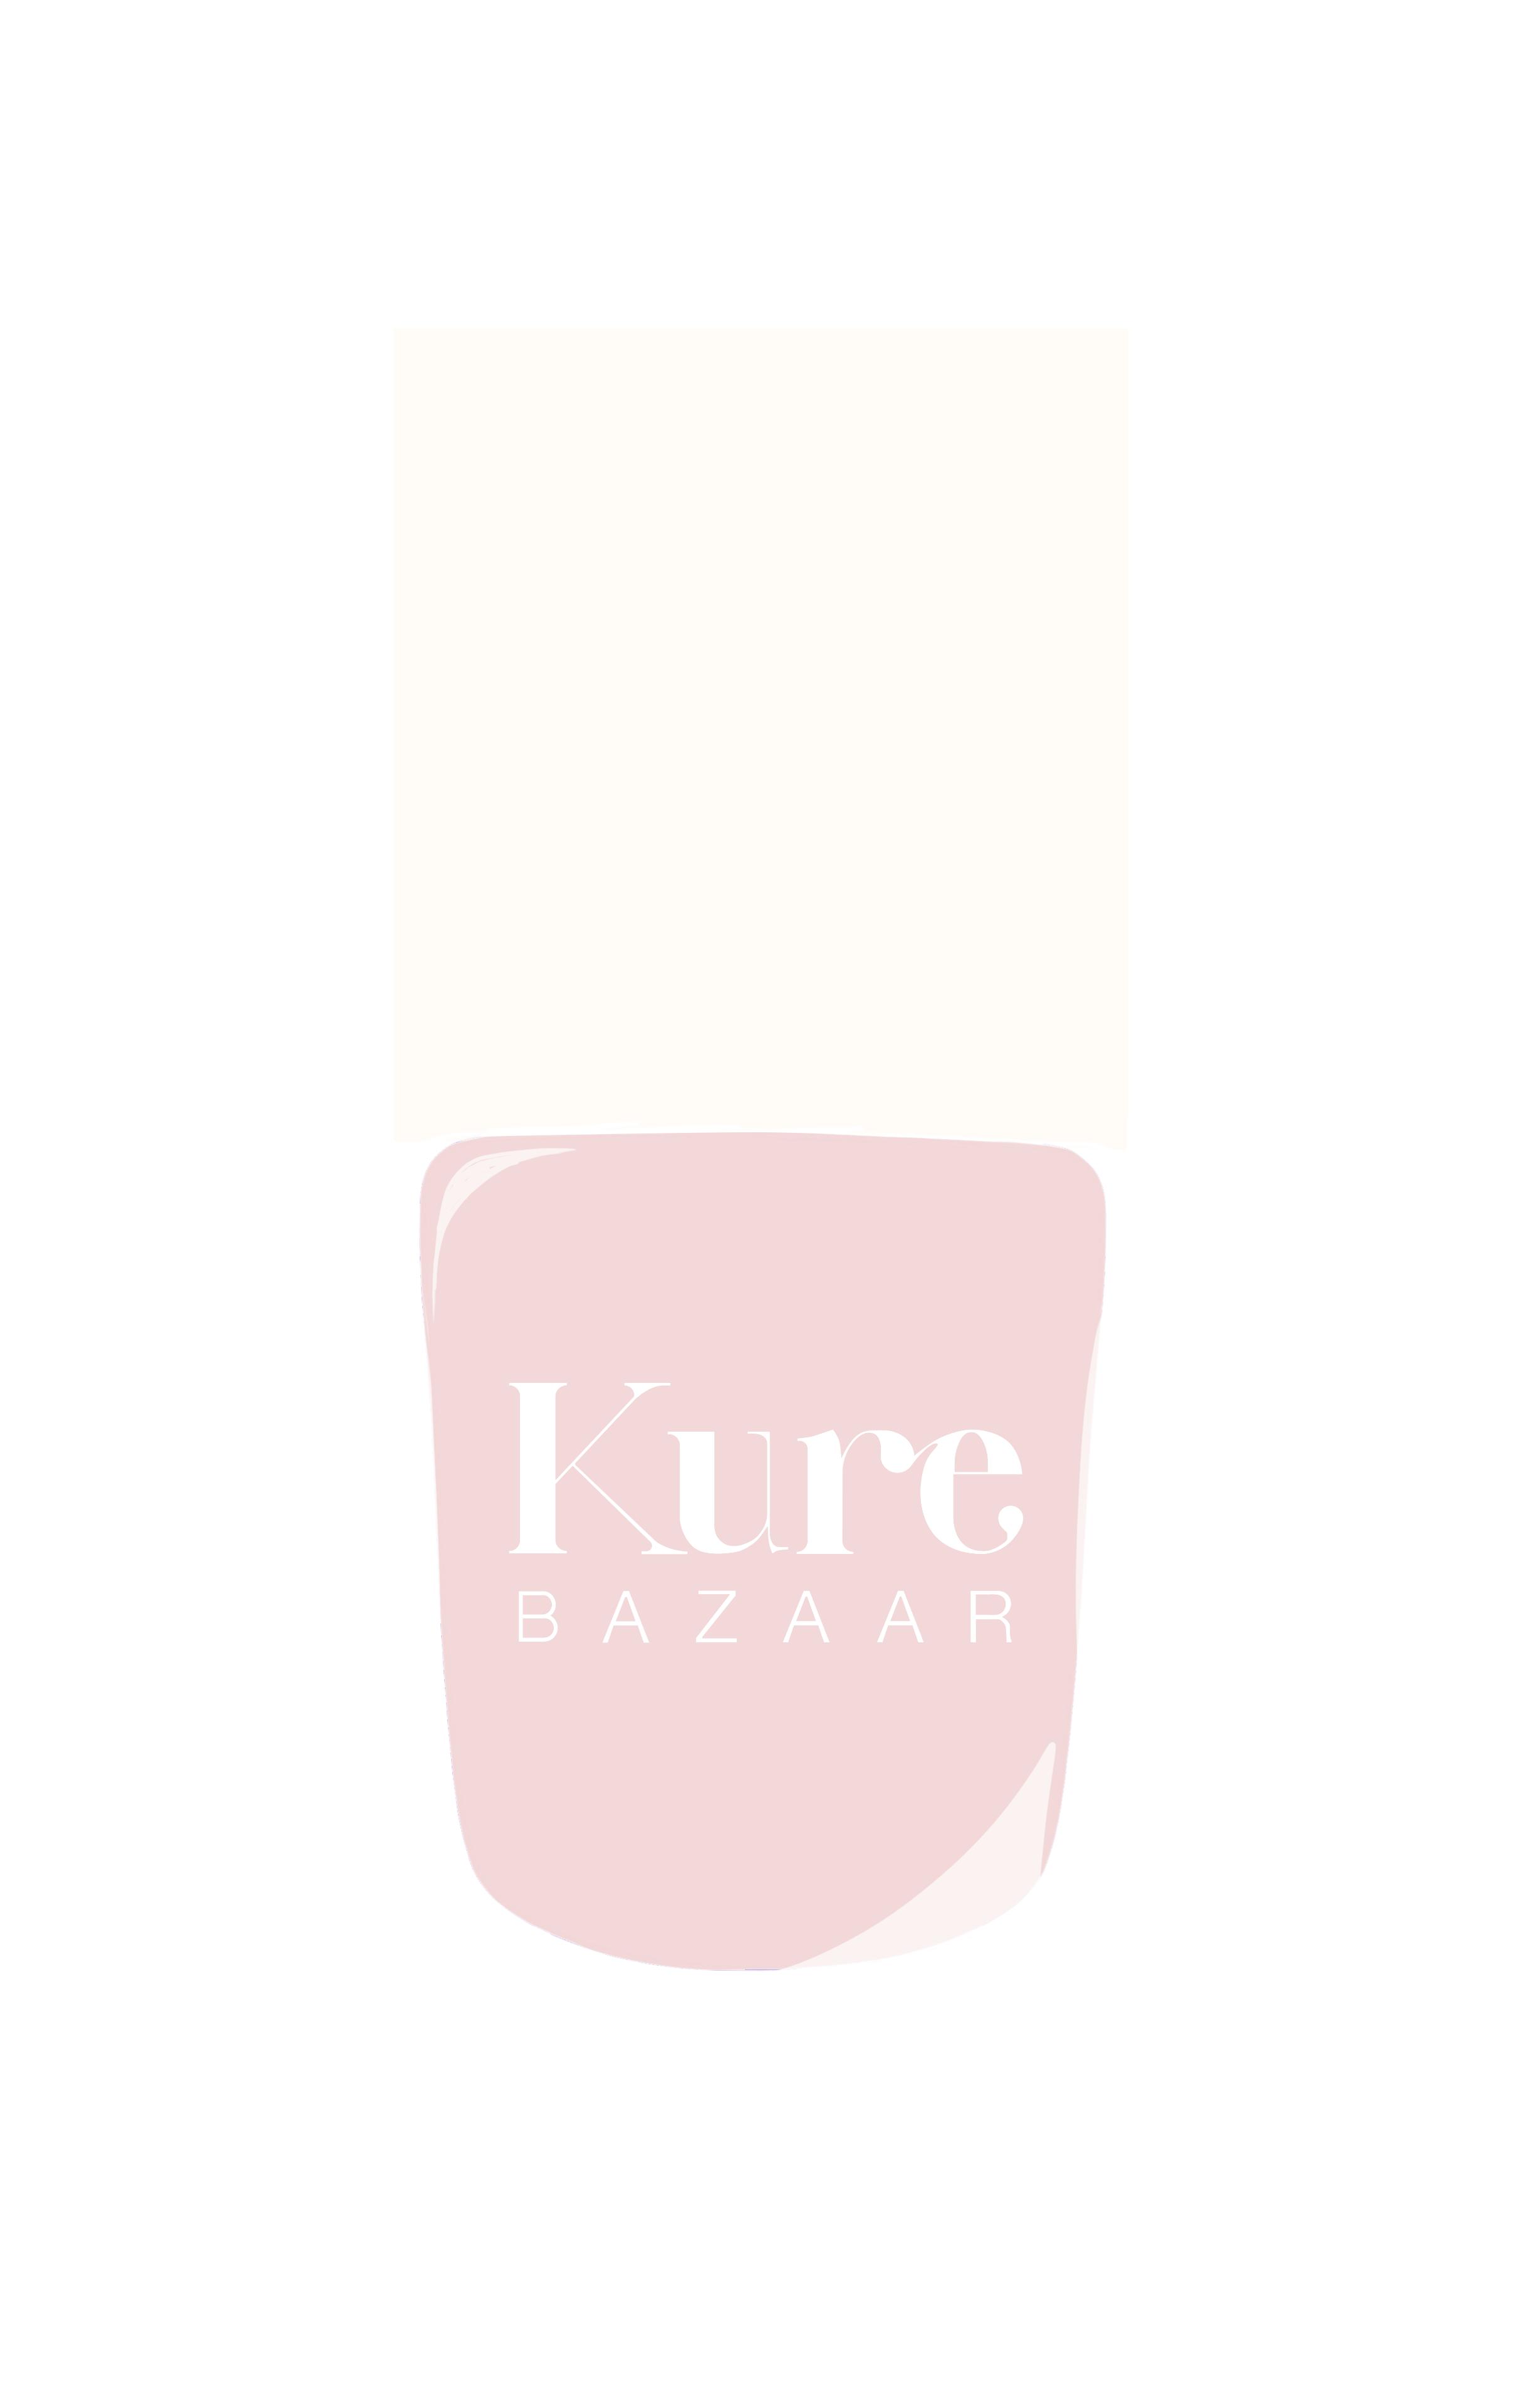 Kure_Bazaar.png